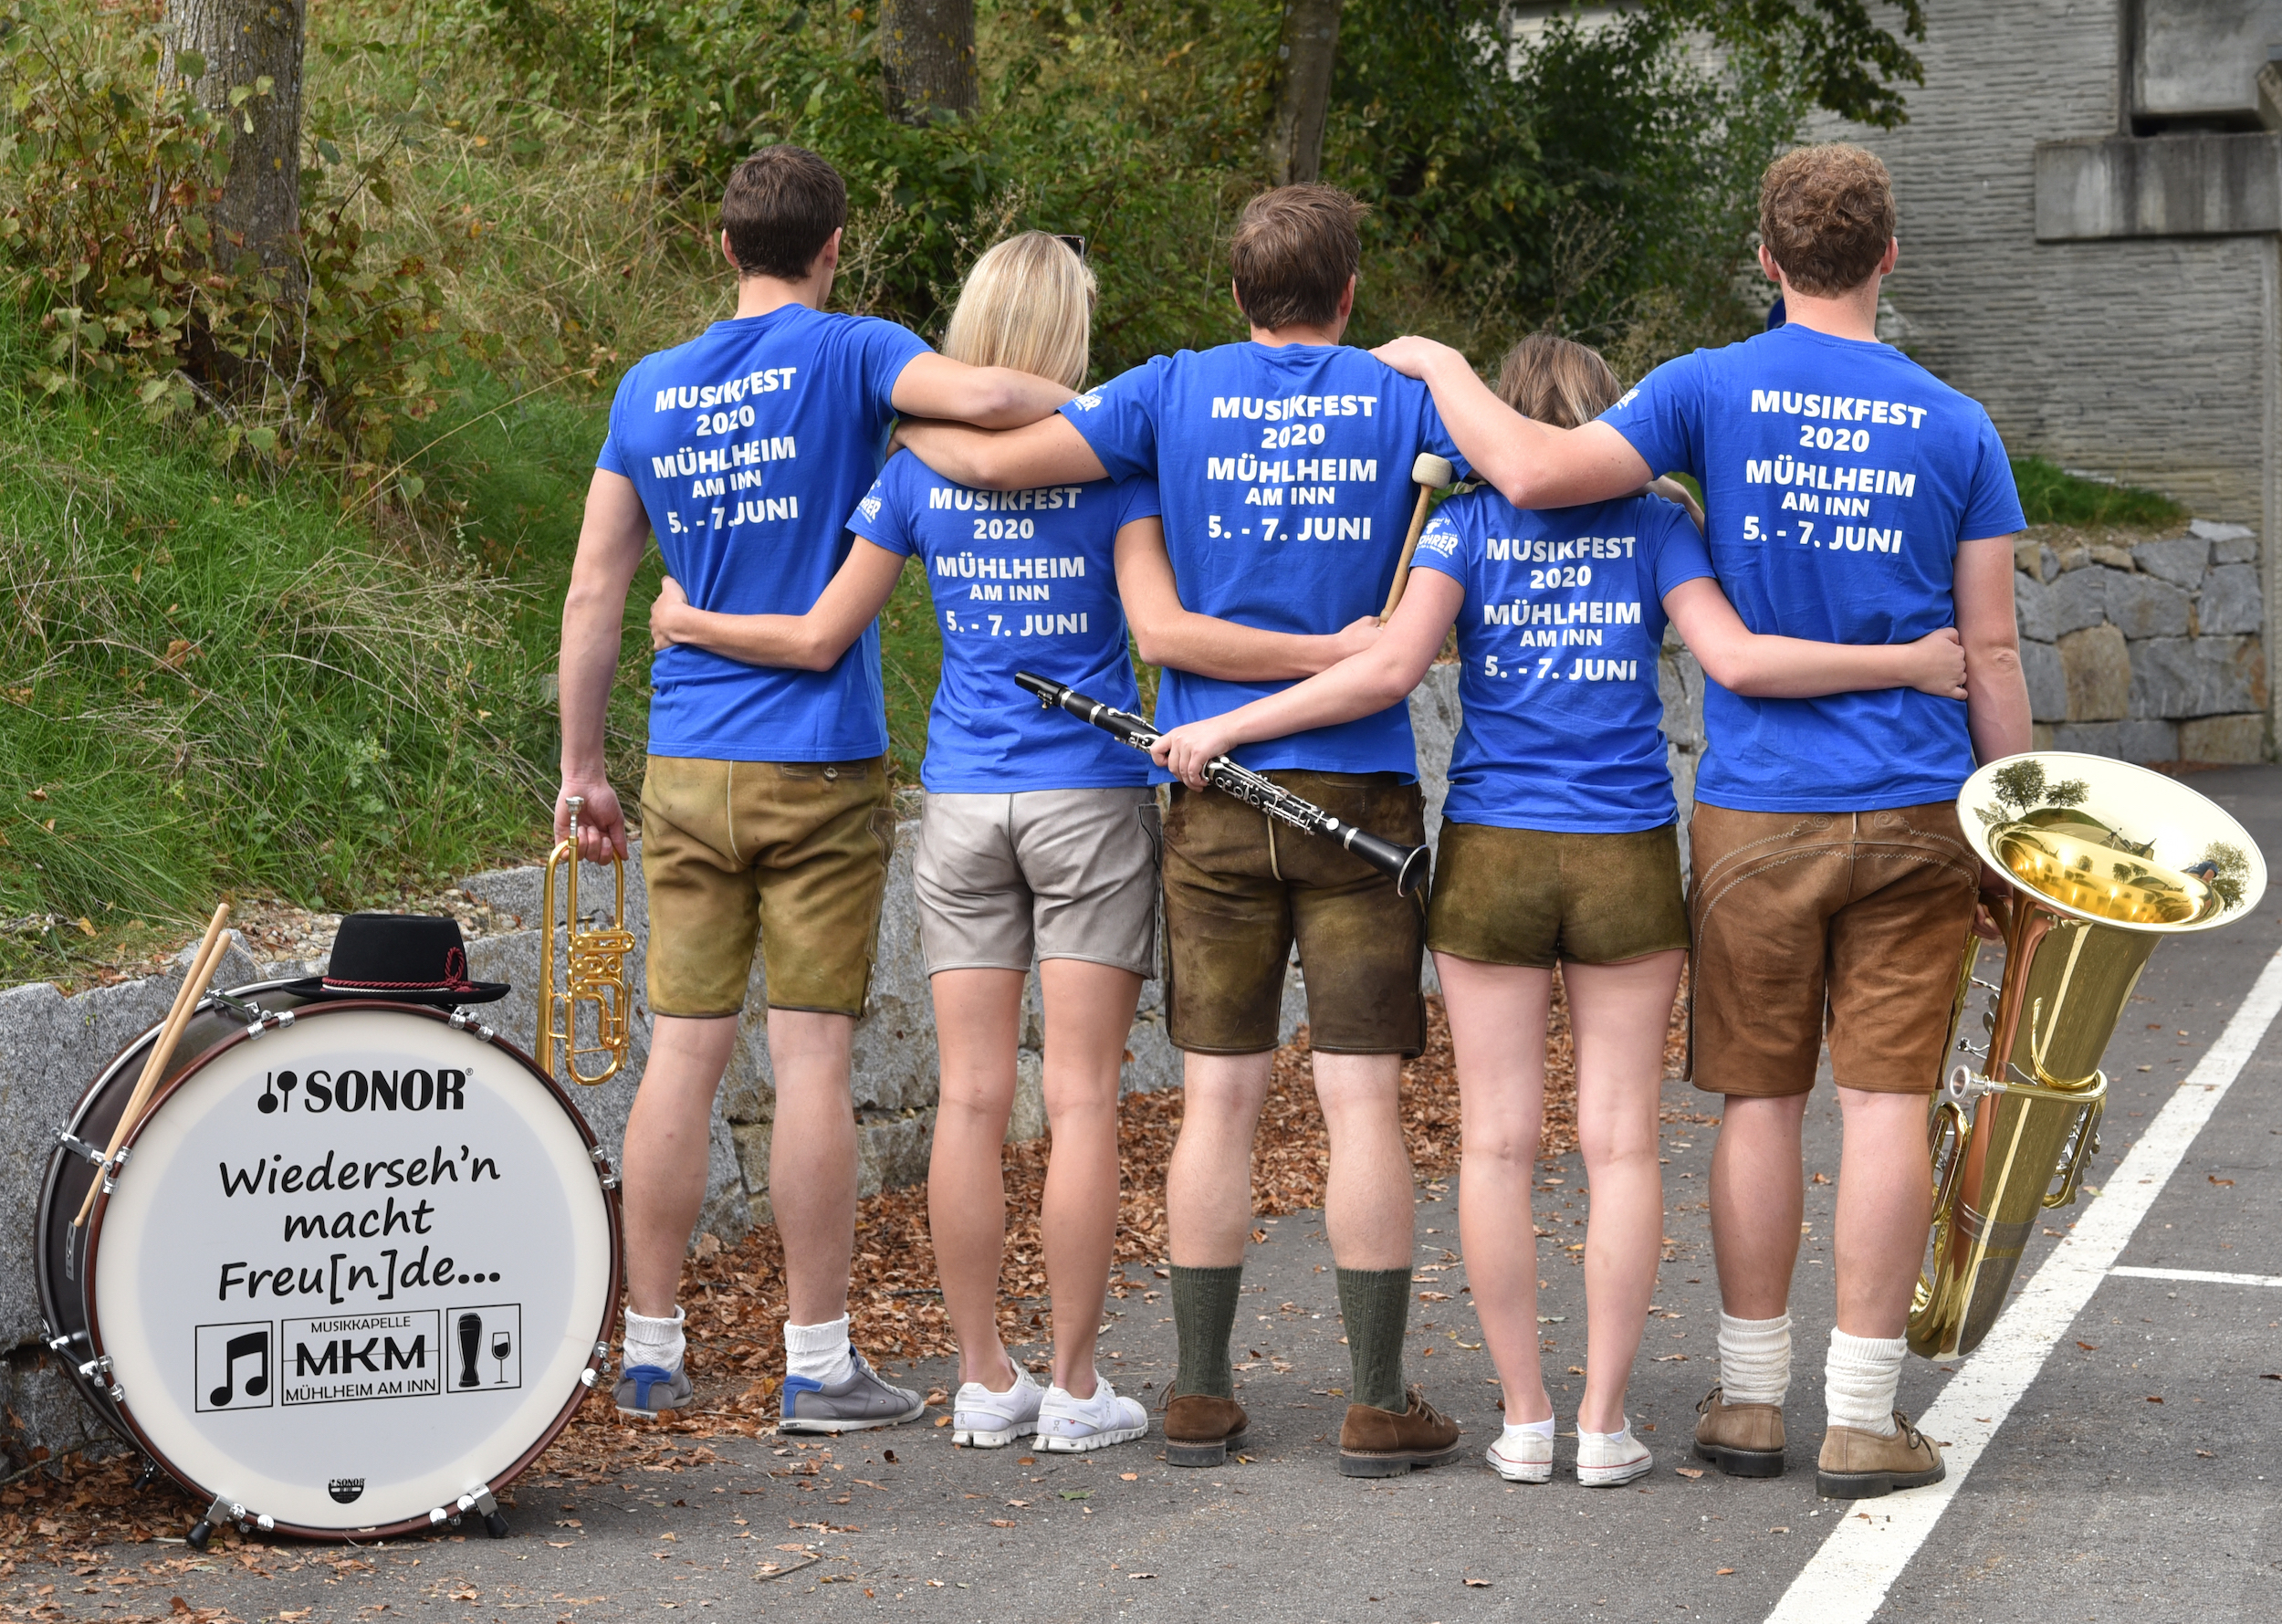 Freunde von hinten mit Shirt Musikfest 2020 Mühlheim am Inn